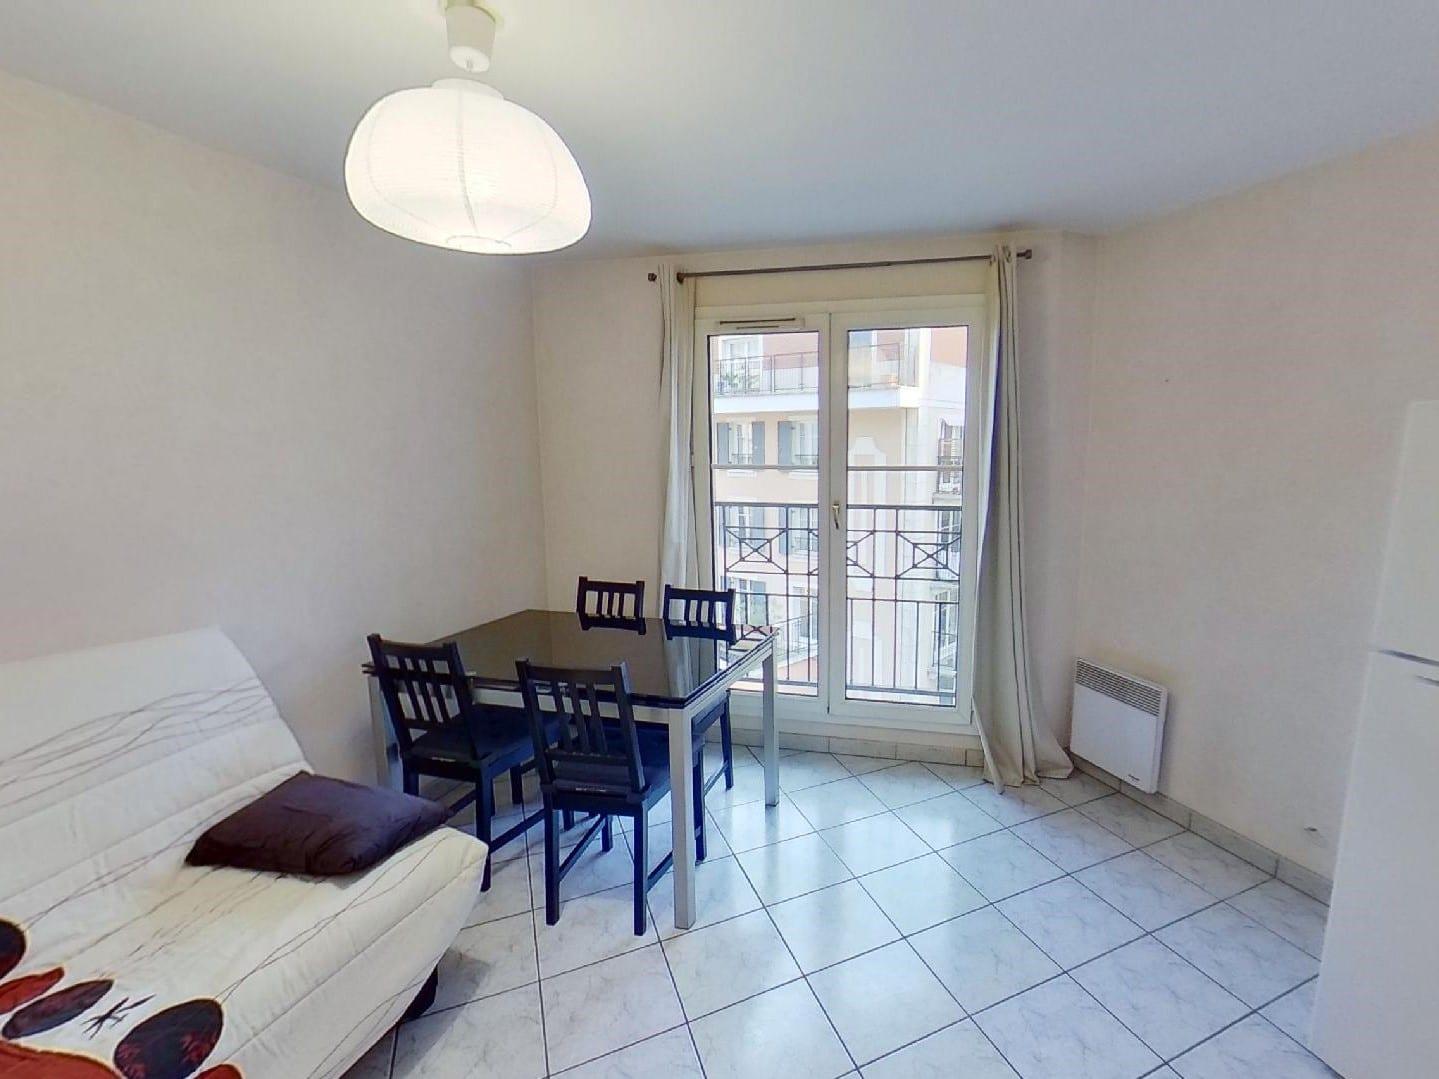 appartement a louer alfortville, 2 pièces 39 m², grand séjour clair